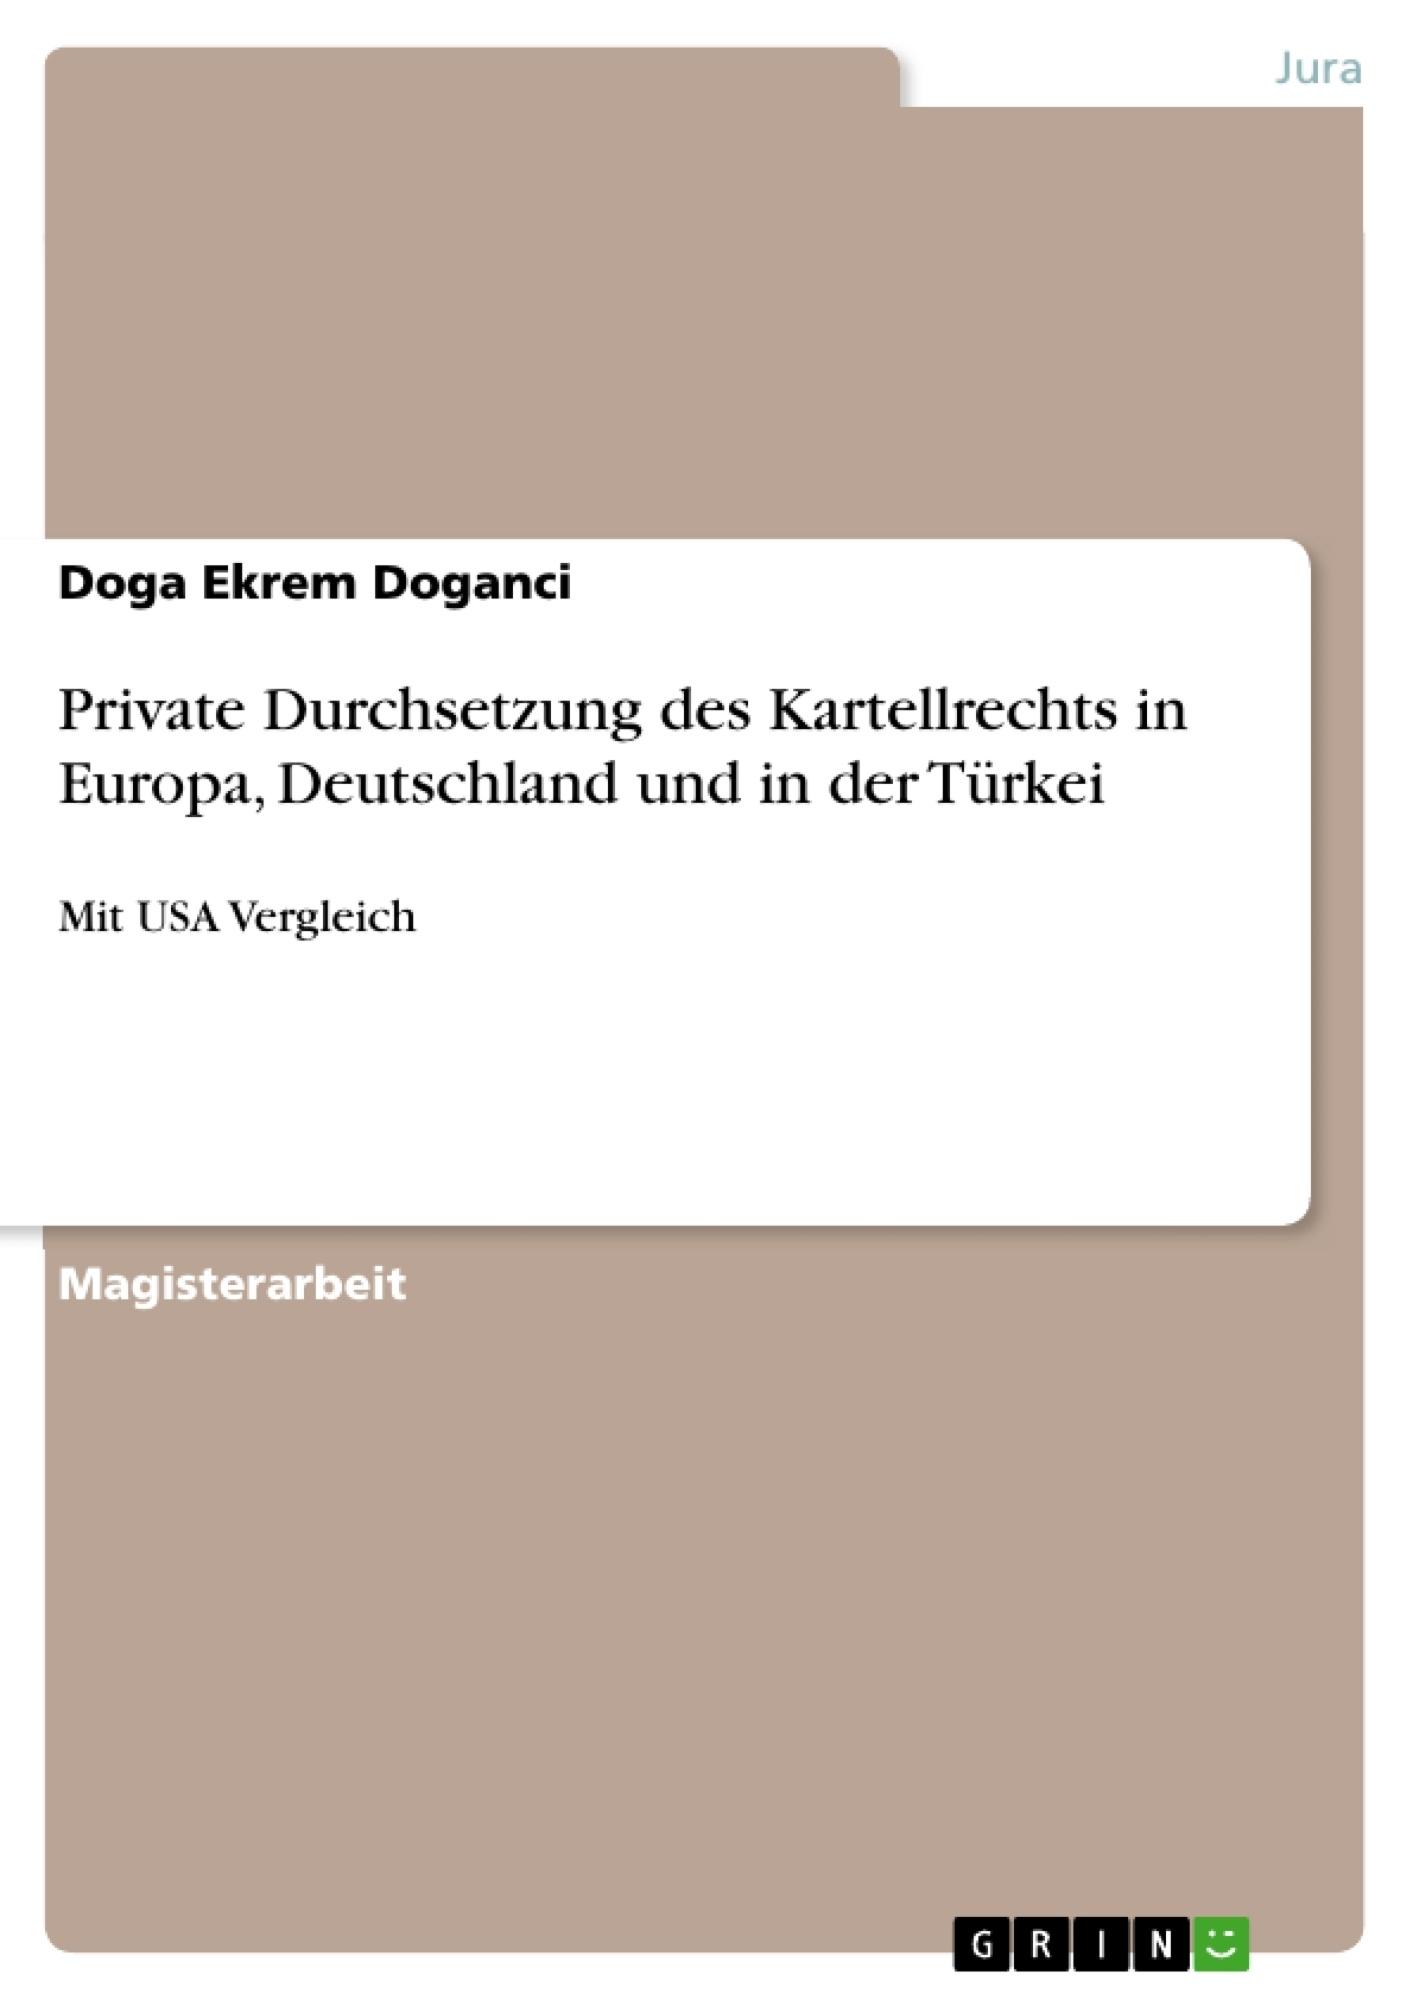 Titel: Private Durchsetzung des Kartellrechts in Europa, Deutschland und in der Türkei